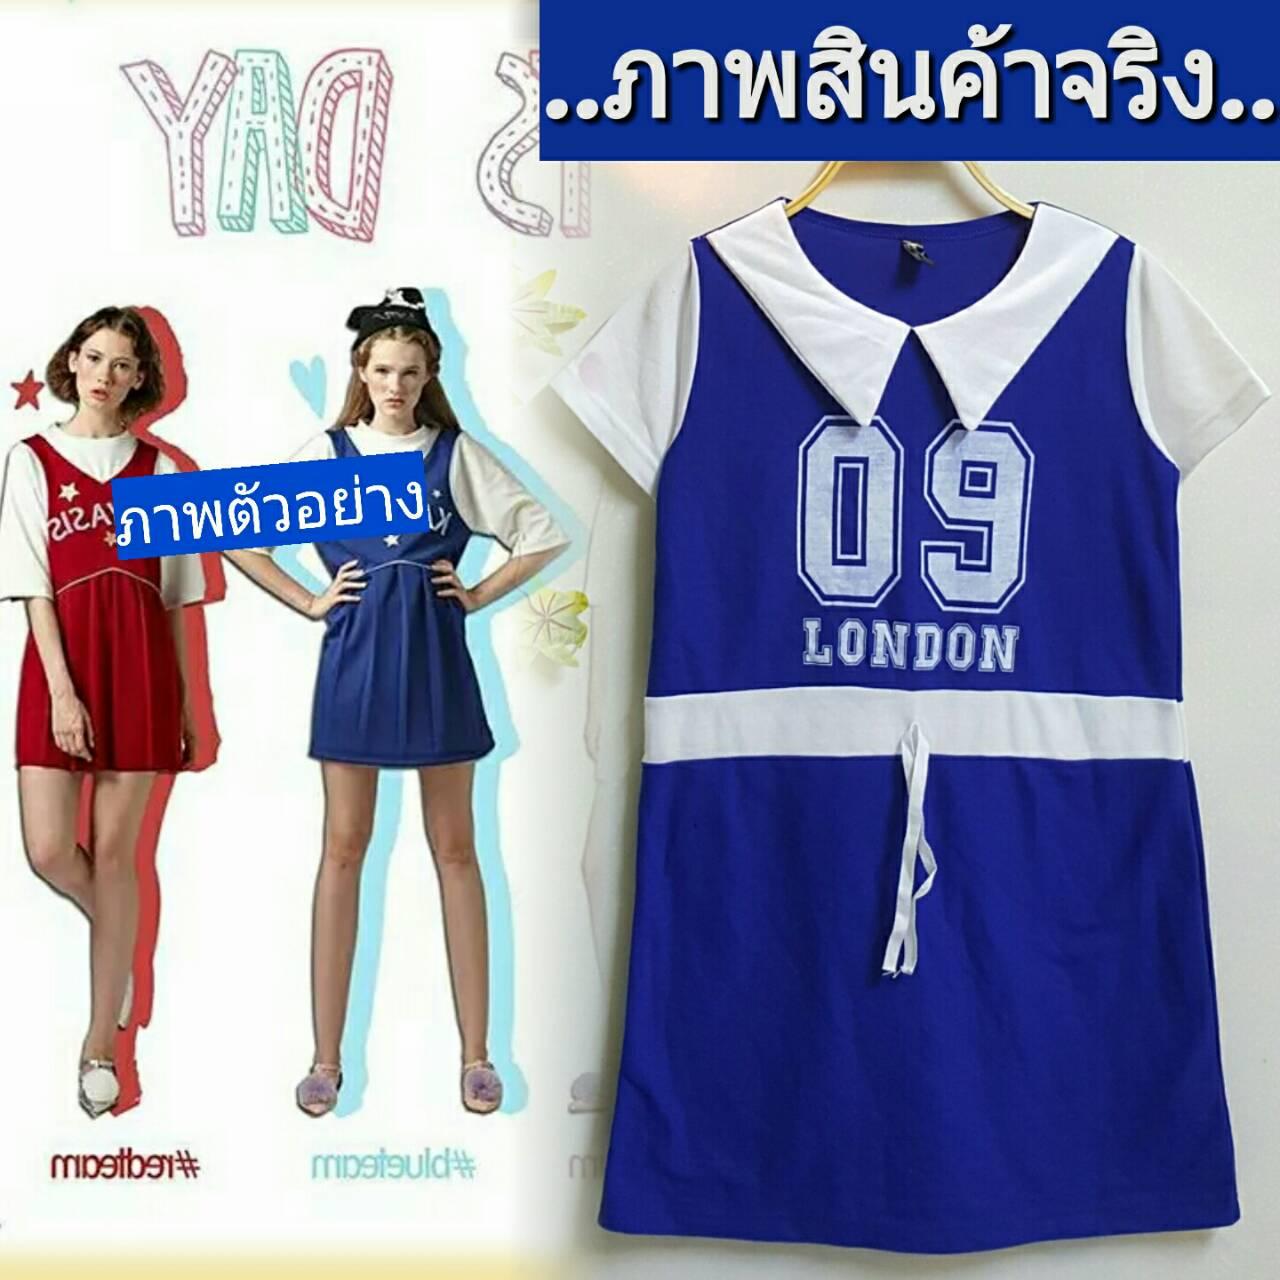 wOw Dress : ชุดเดรสแนวสปอร์ตผ้าลาครอสแต่งปกคอและแขนสีขาว กุ๊นเอวสีขาว เชือกหลอก สกรีนตัวเลข 09 LONDON น่ารักค่ะ